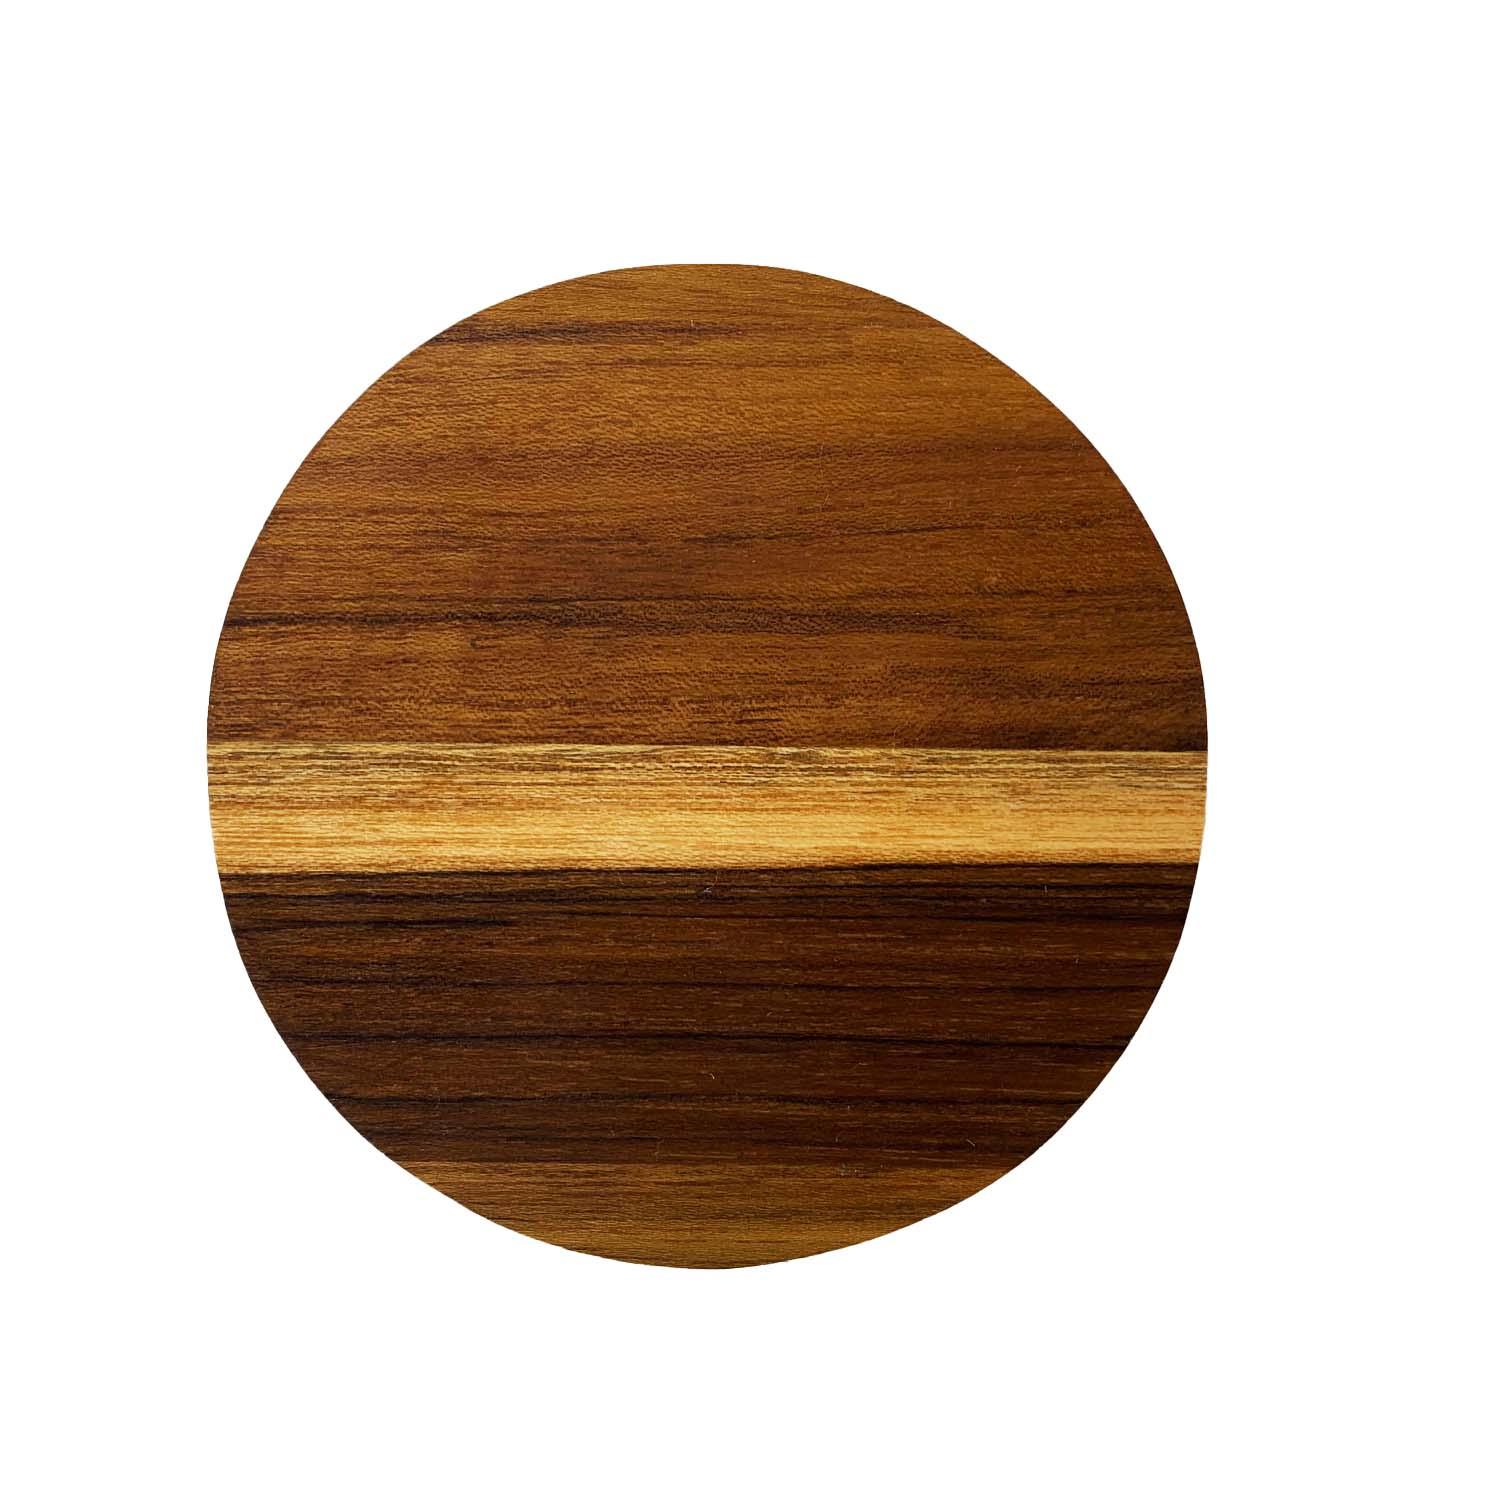 Jogo com 4 porta canecas Round e suporte em madeira